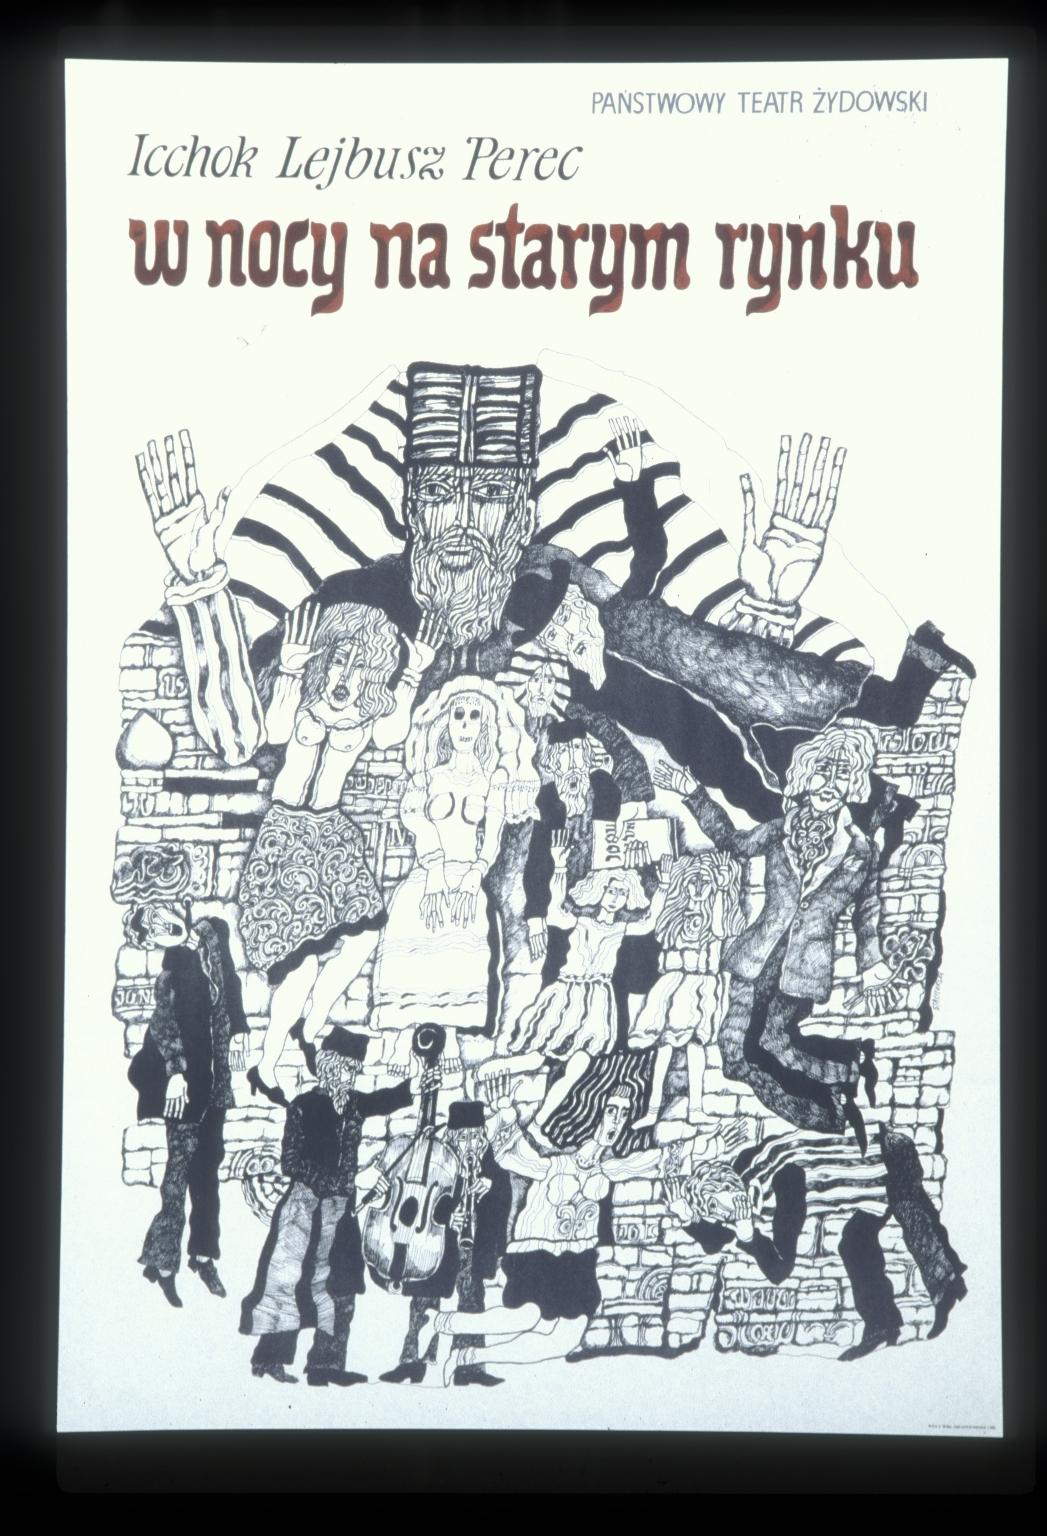 W nocy na starym rynku, Icchok Lejbusz Perec: Panstwowy Teatr Zydowski